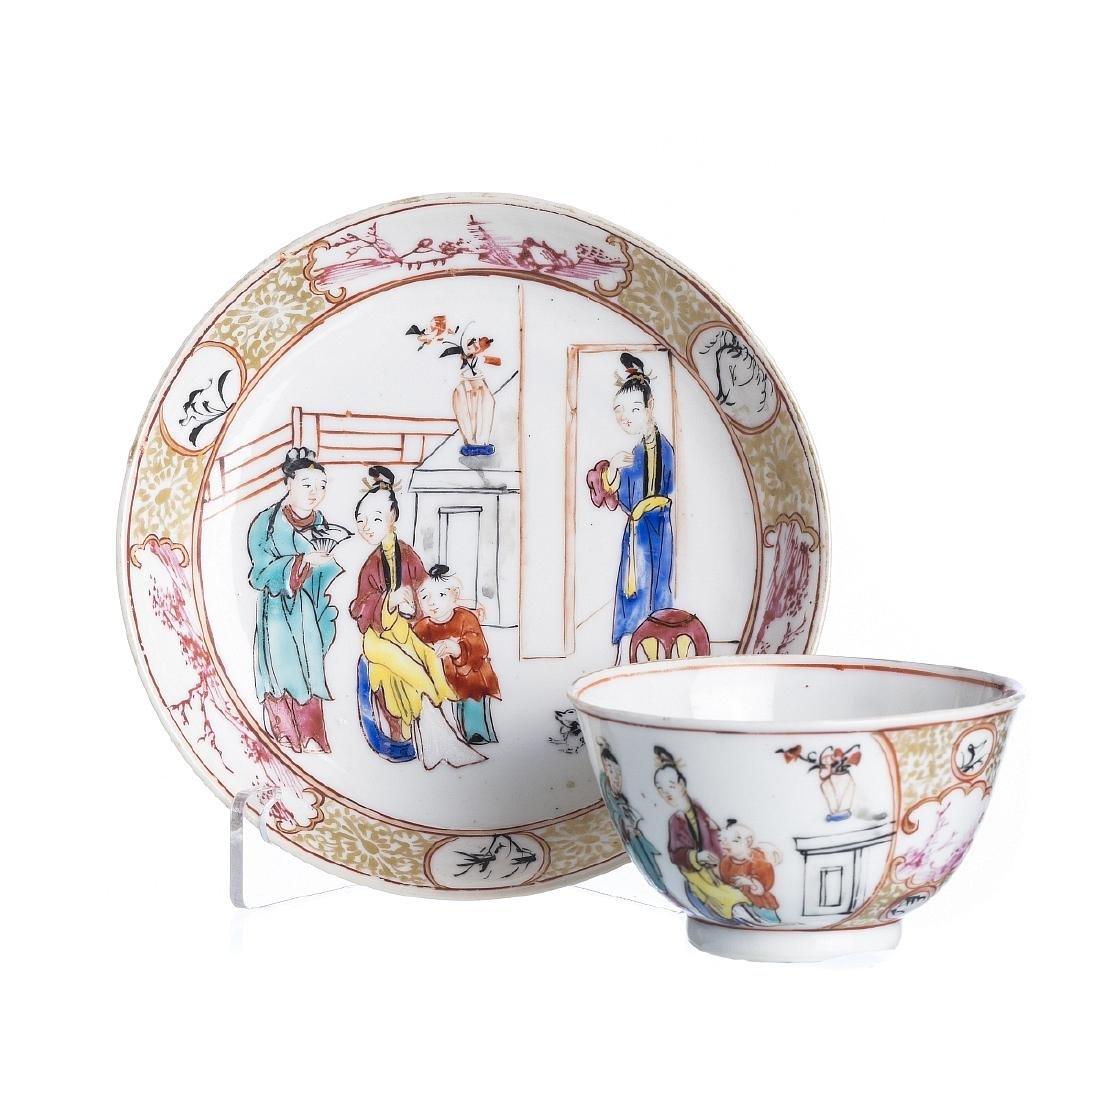 Teacup and saucer 'Mandarim', Qianlong